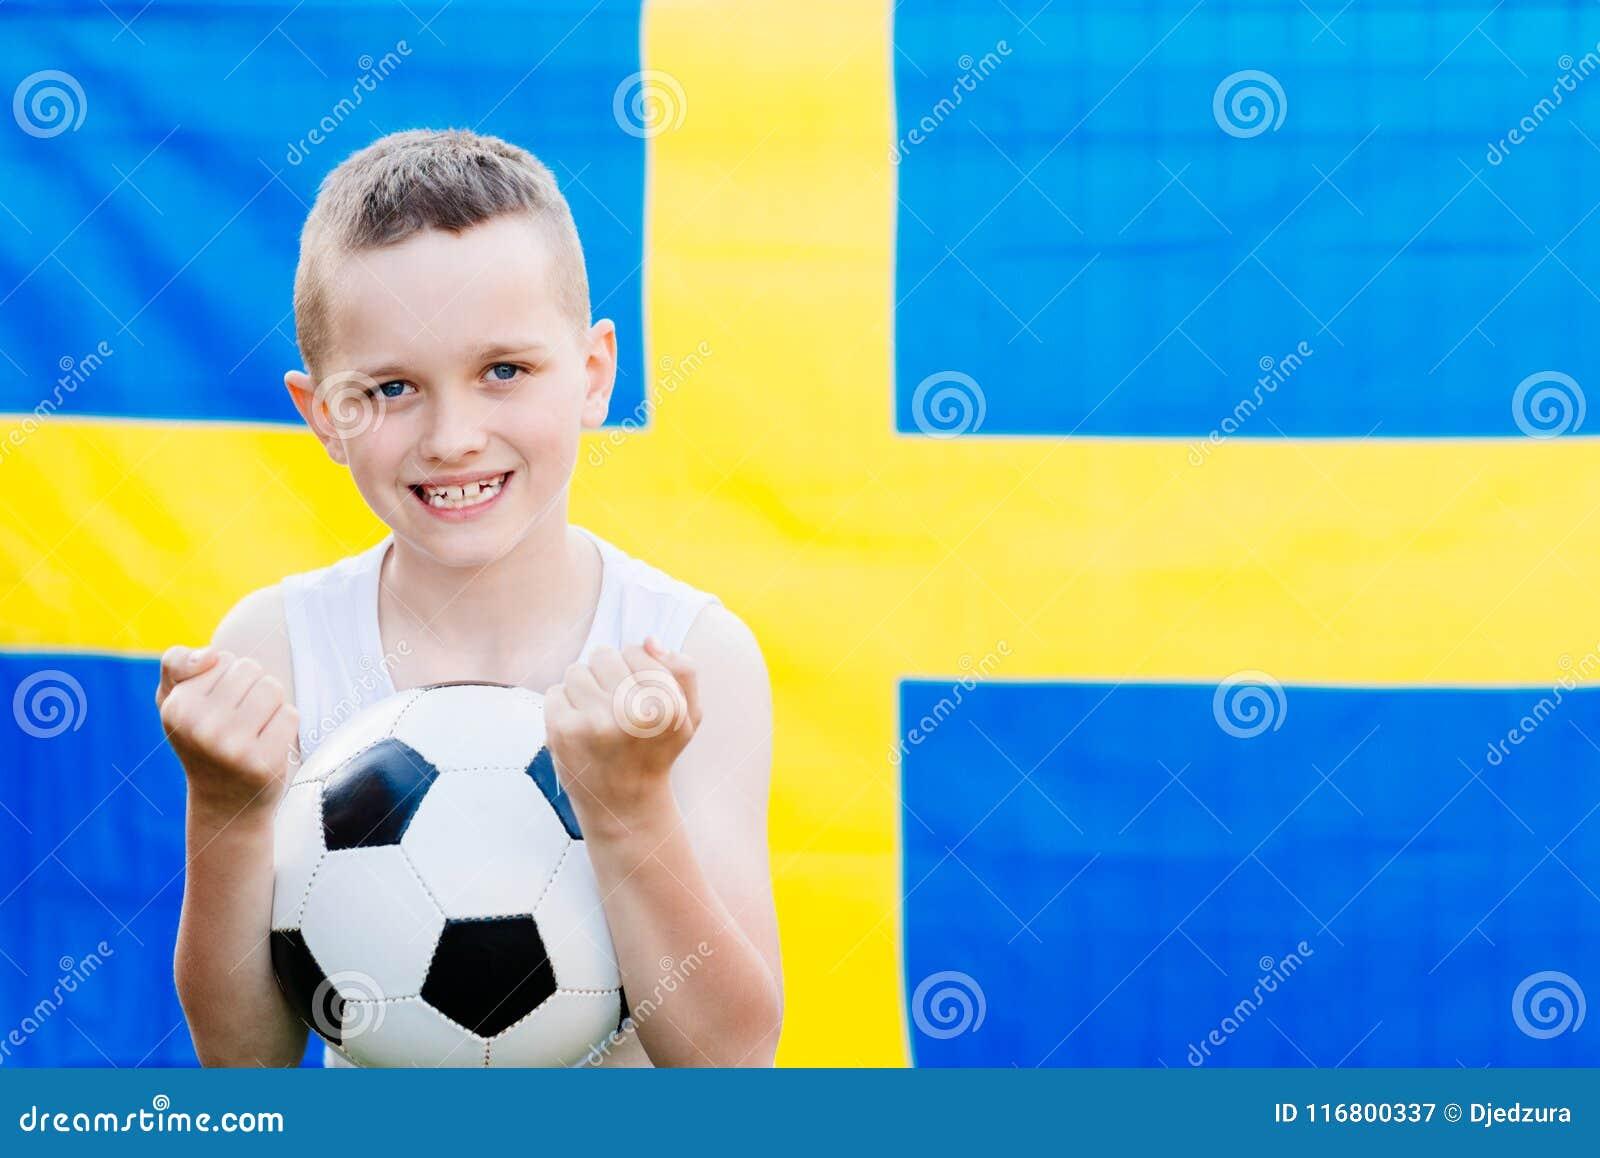 Sostenitore nazionale della squadra di football americano della Svezia